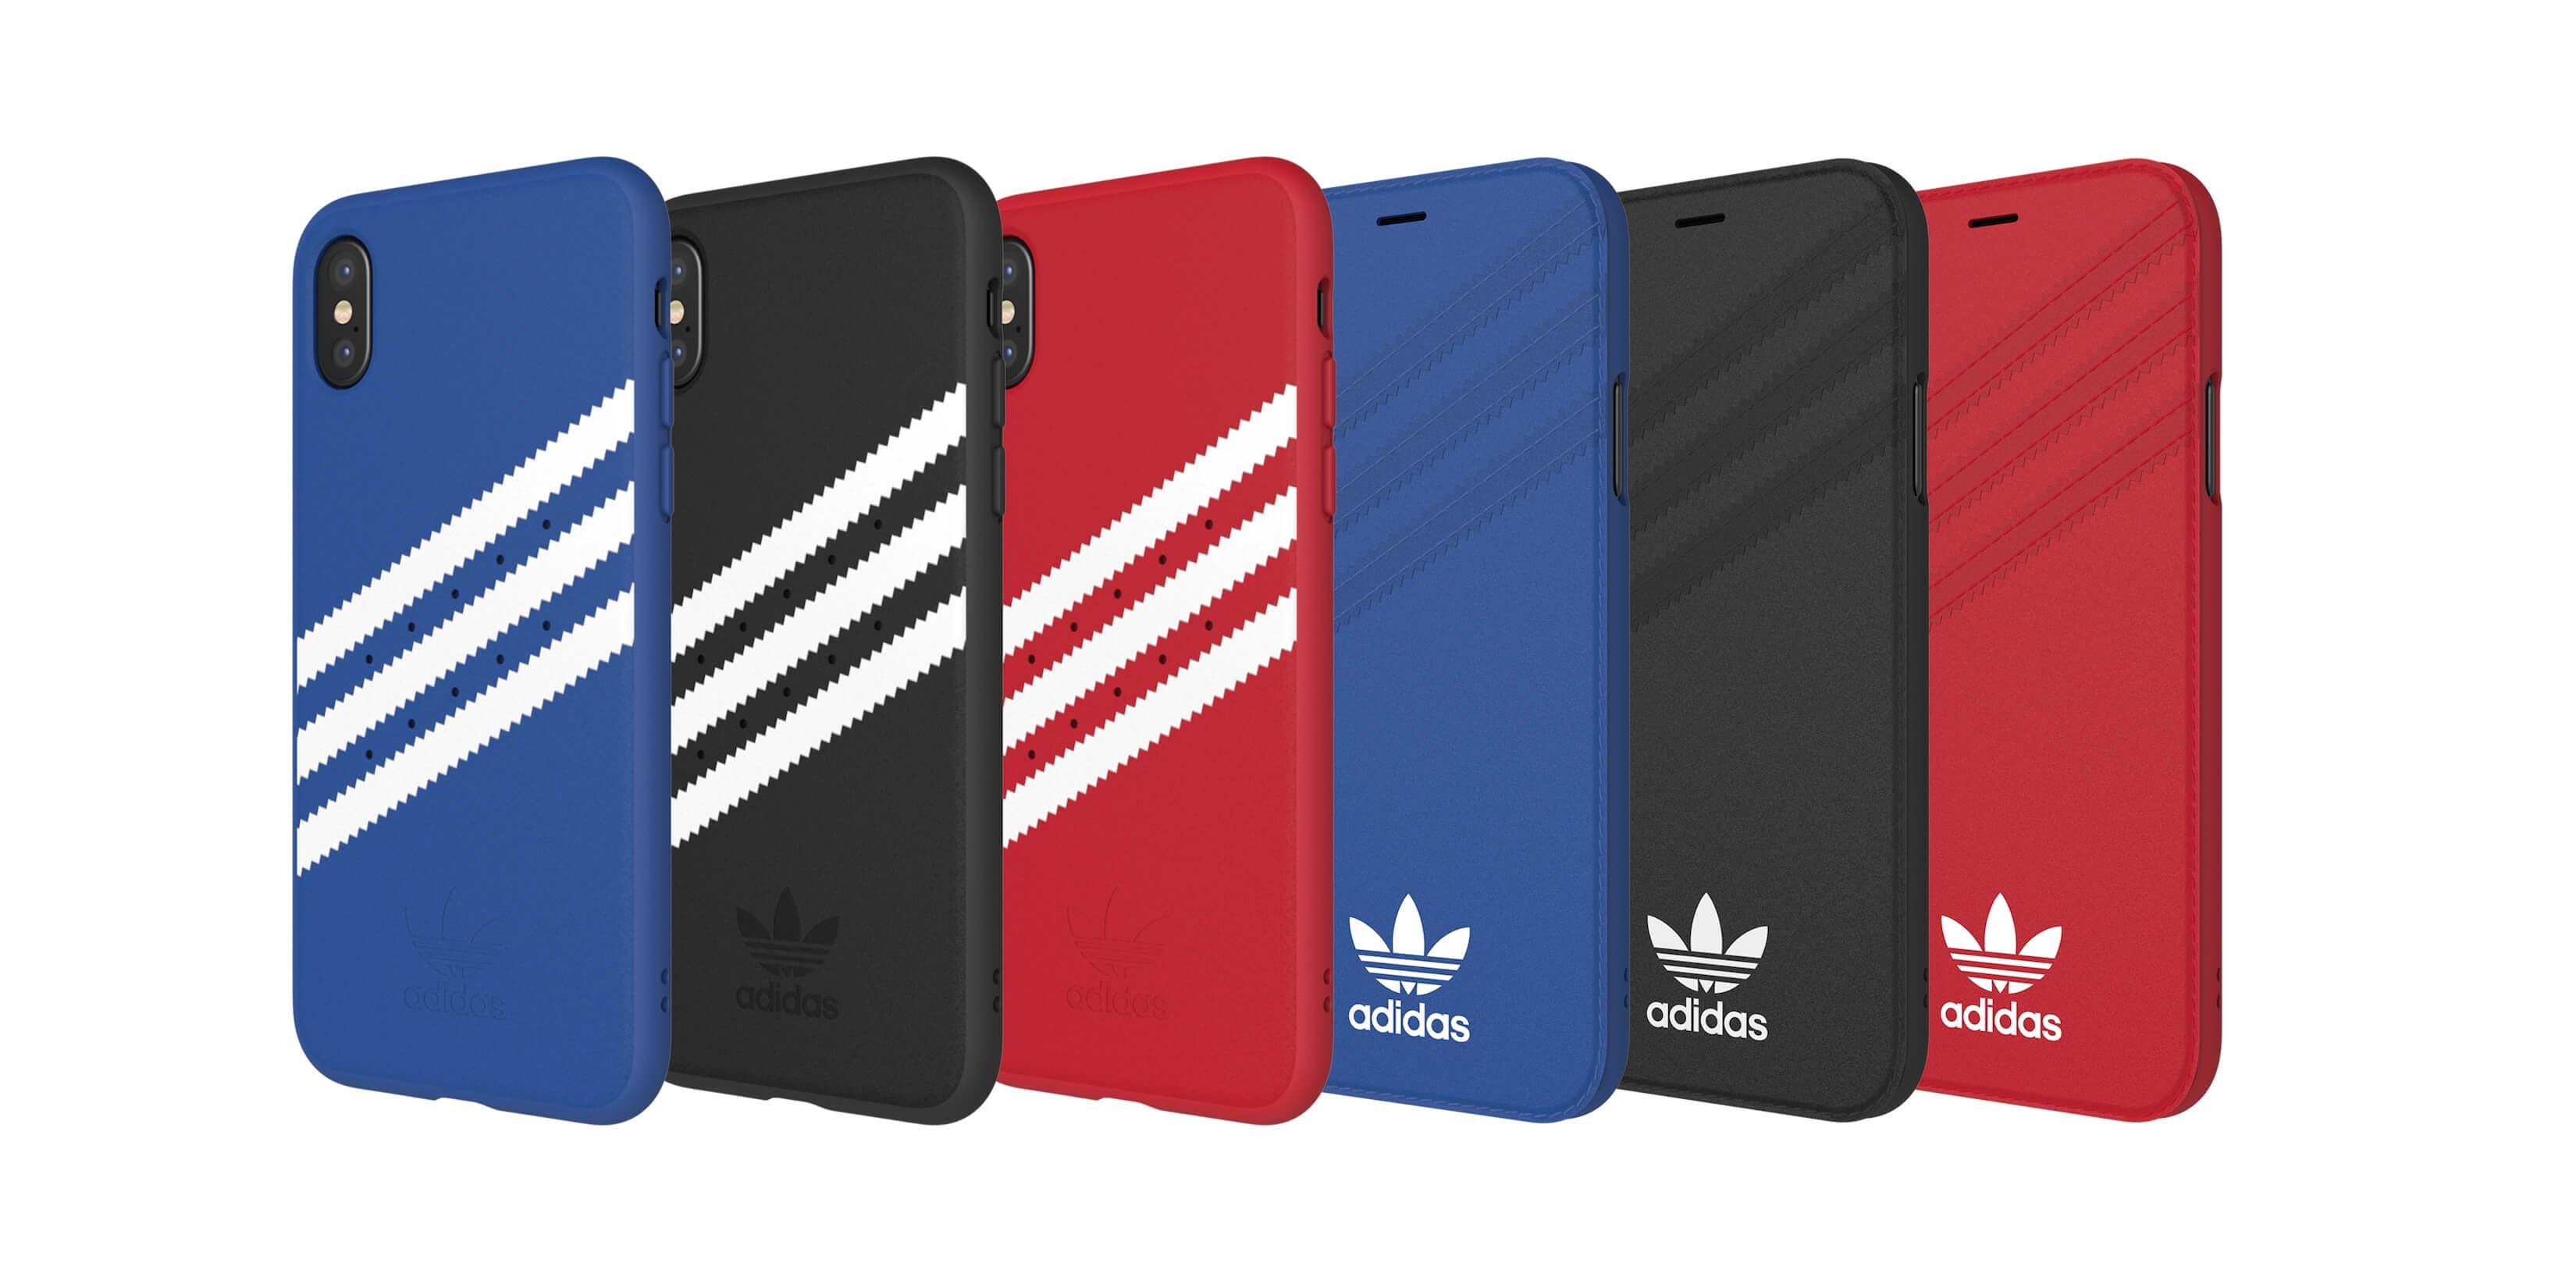 アディダスおなじみのガゼルスタイルの3ストライプとトレフォイルロゴを施したiPhoneケース。 アディダスのクラシック・デザインがiPhone X/8向けにプレッピースタイル